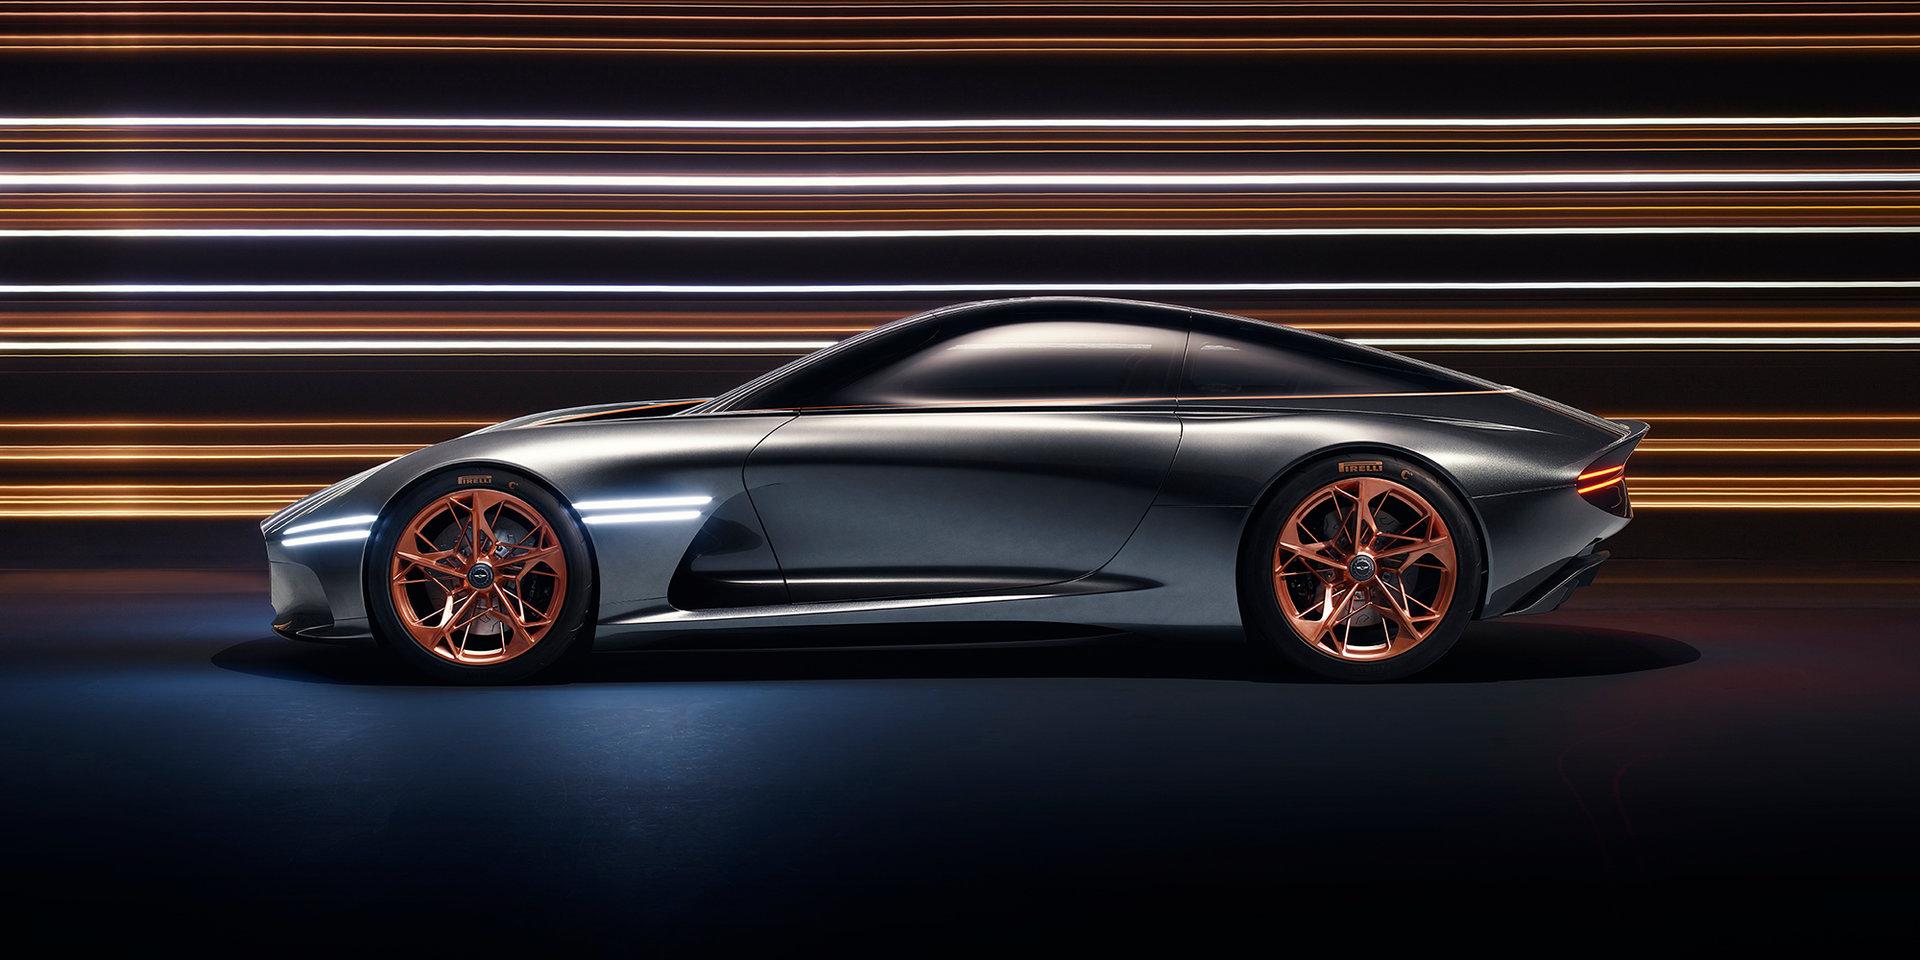 Полностью электрический GT намекает на будущие планы автопроизводителя.